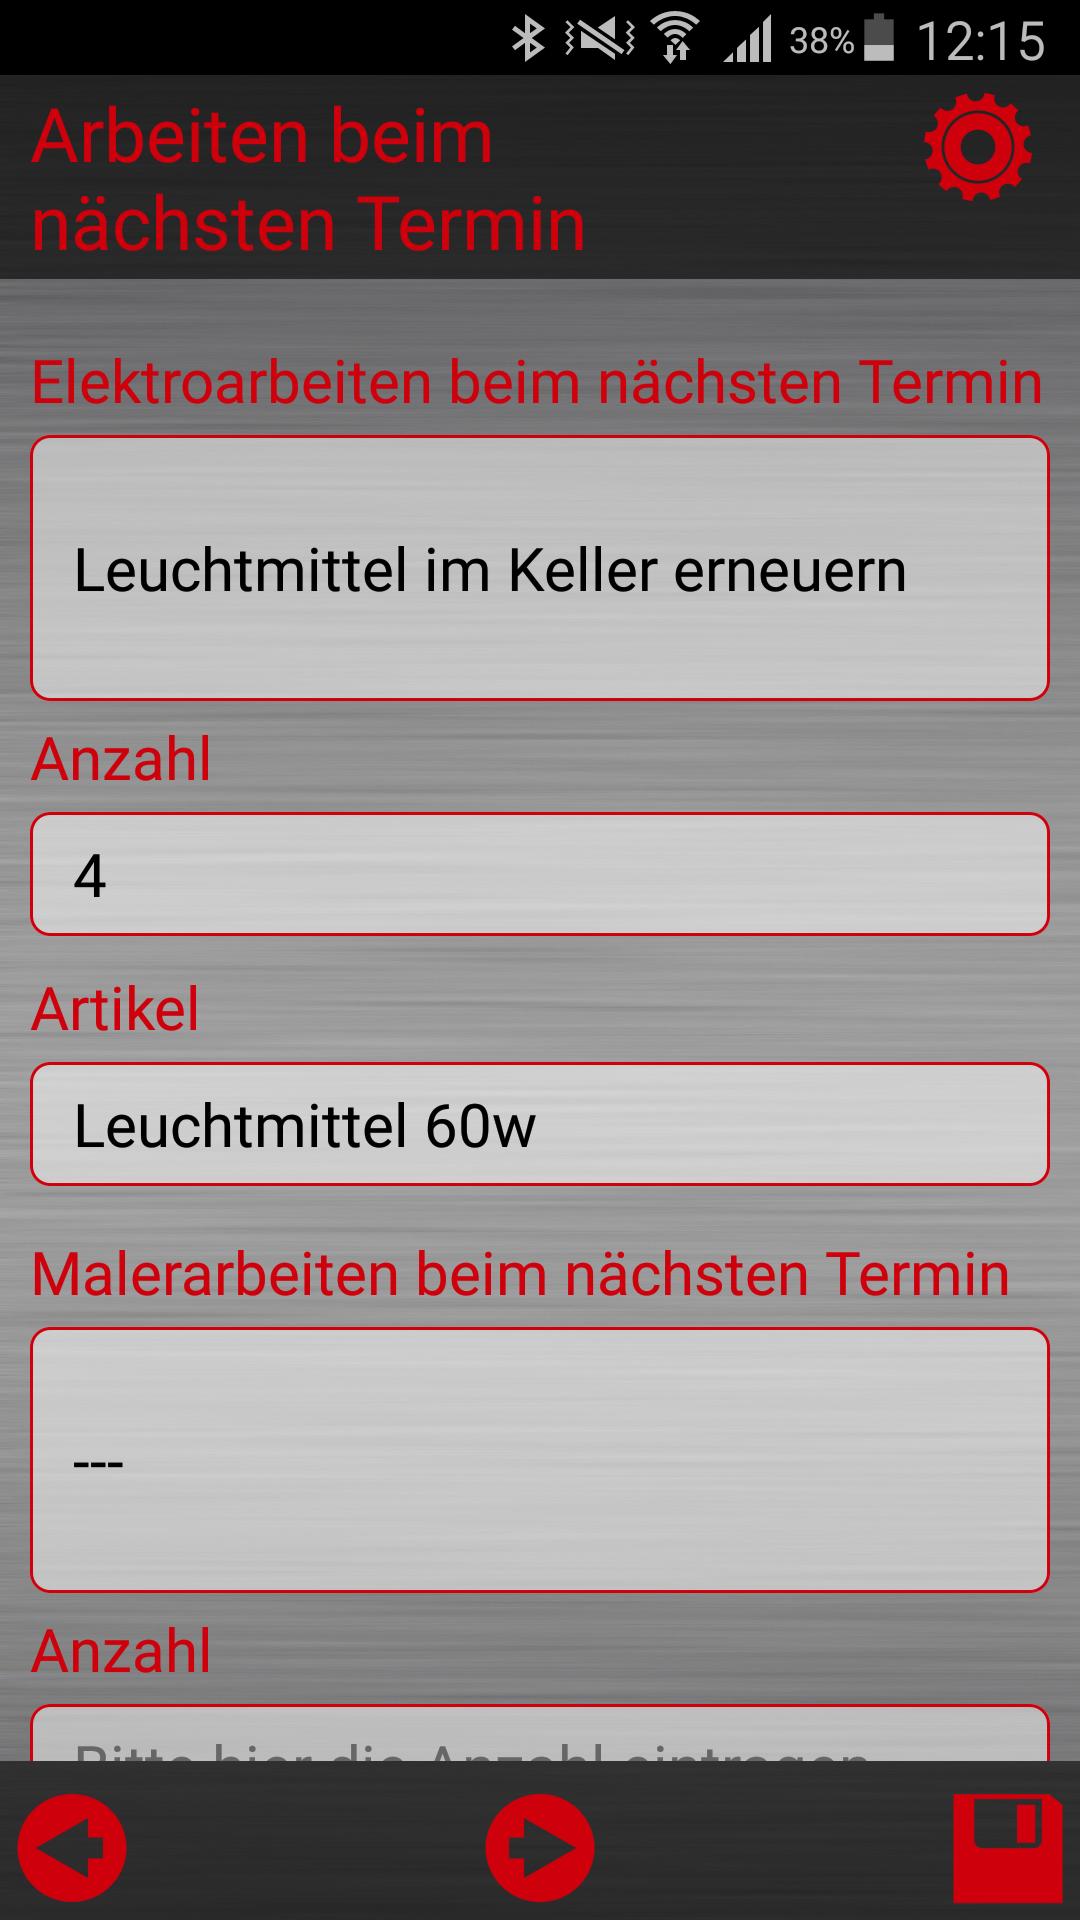 ginstr_app_caretakerReport_DE_8